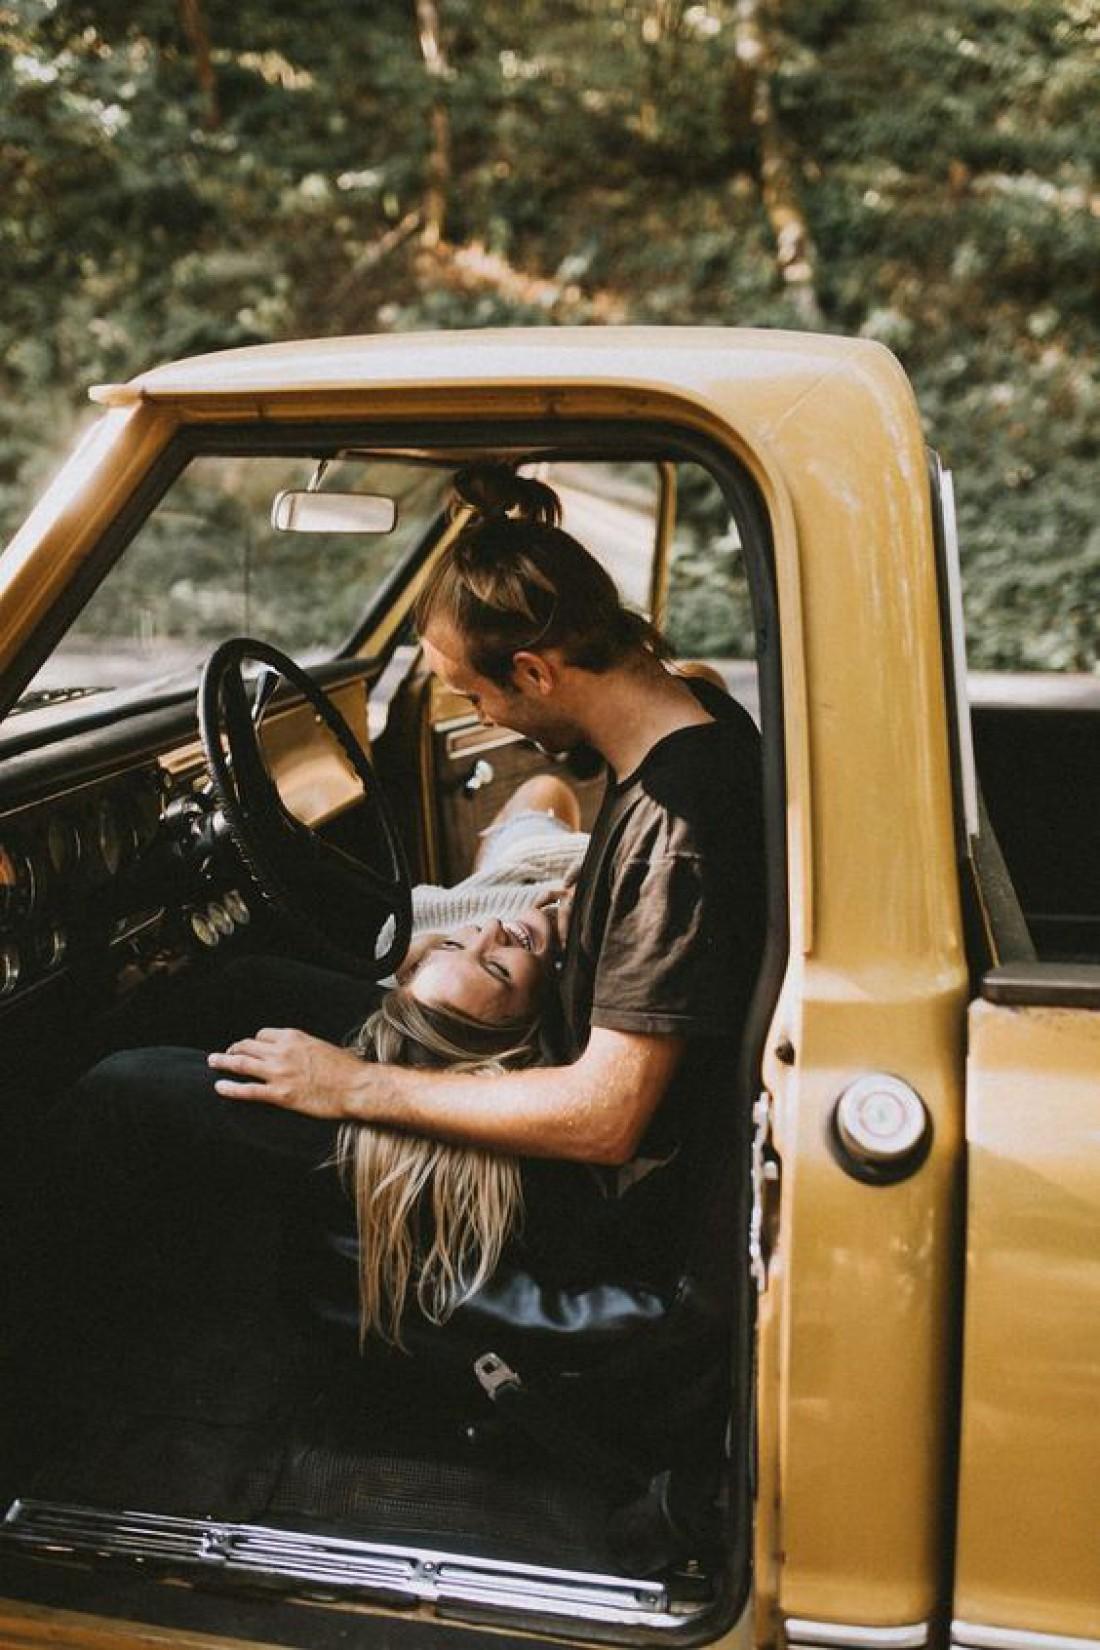 Секс в машине: 5 правил удовольствия